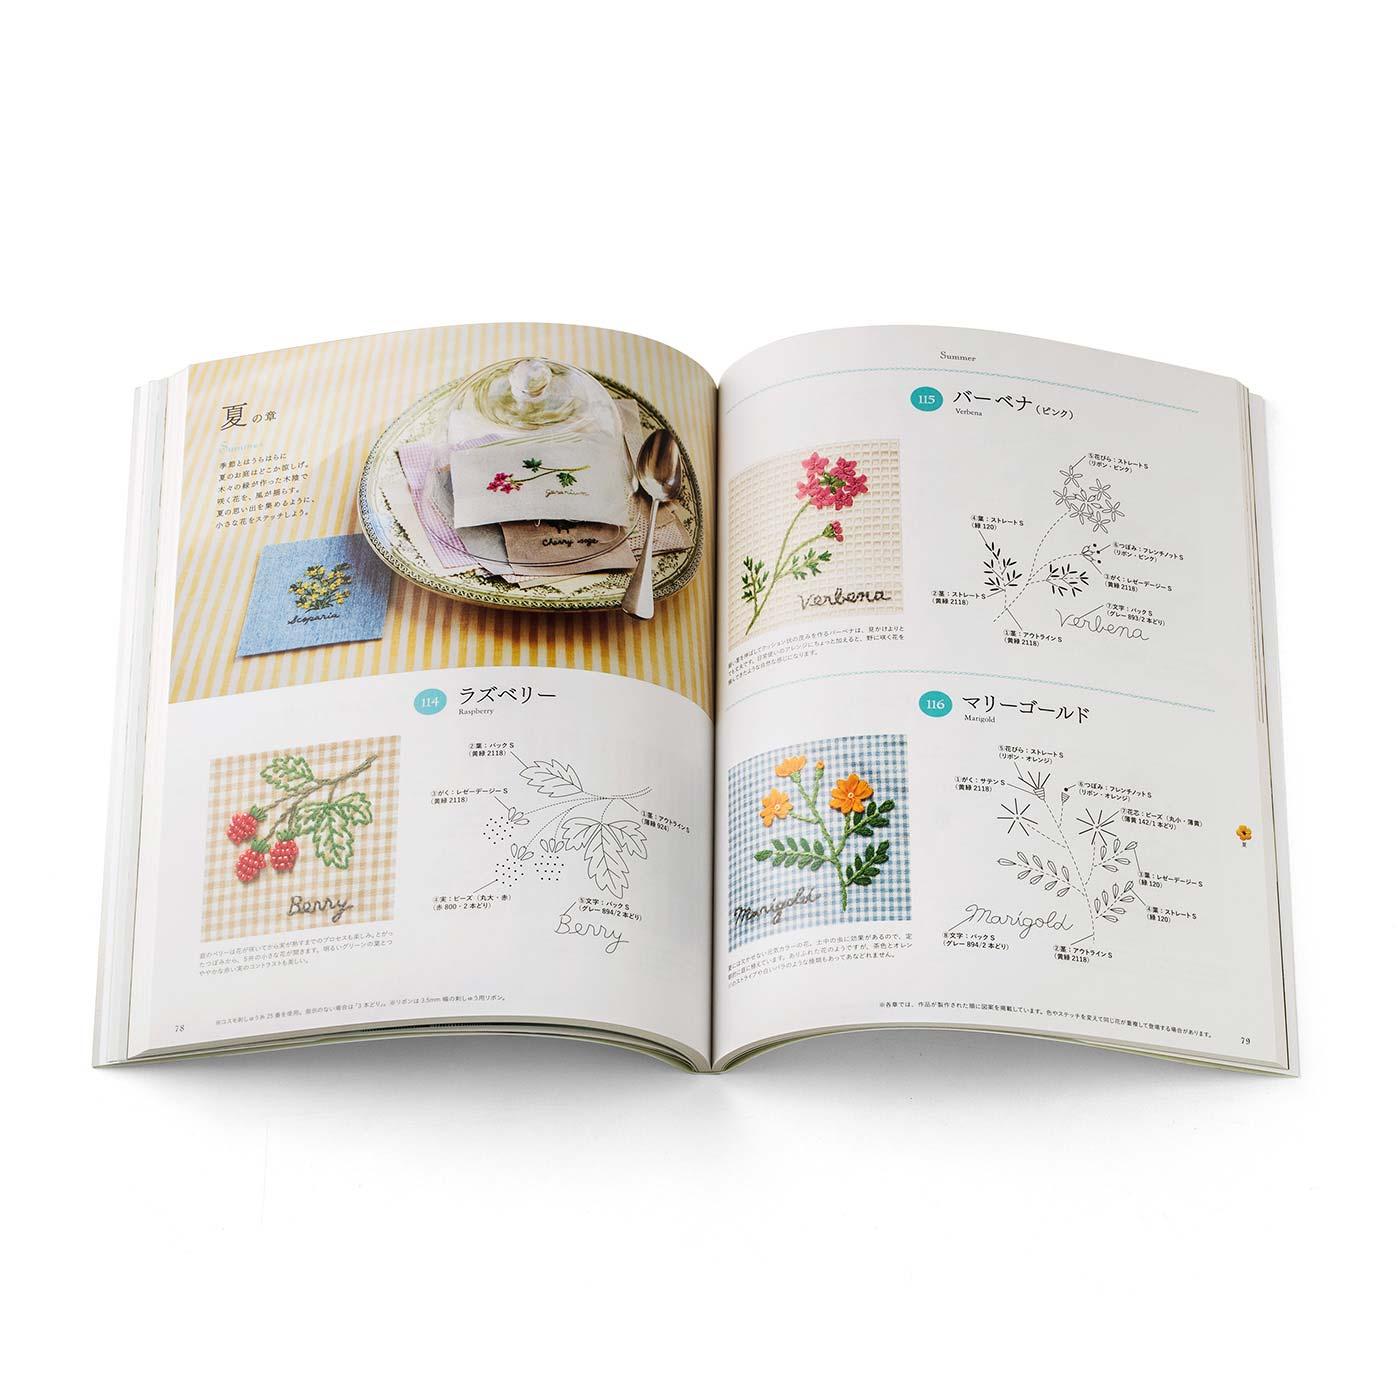 1年を6つの章に分けて、季節の草花を見本写真と実物大の図案で紹介しています。